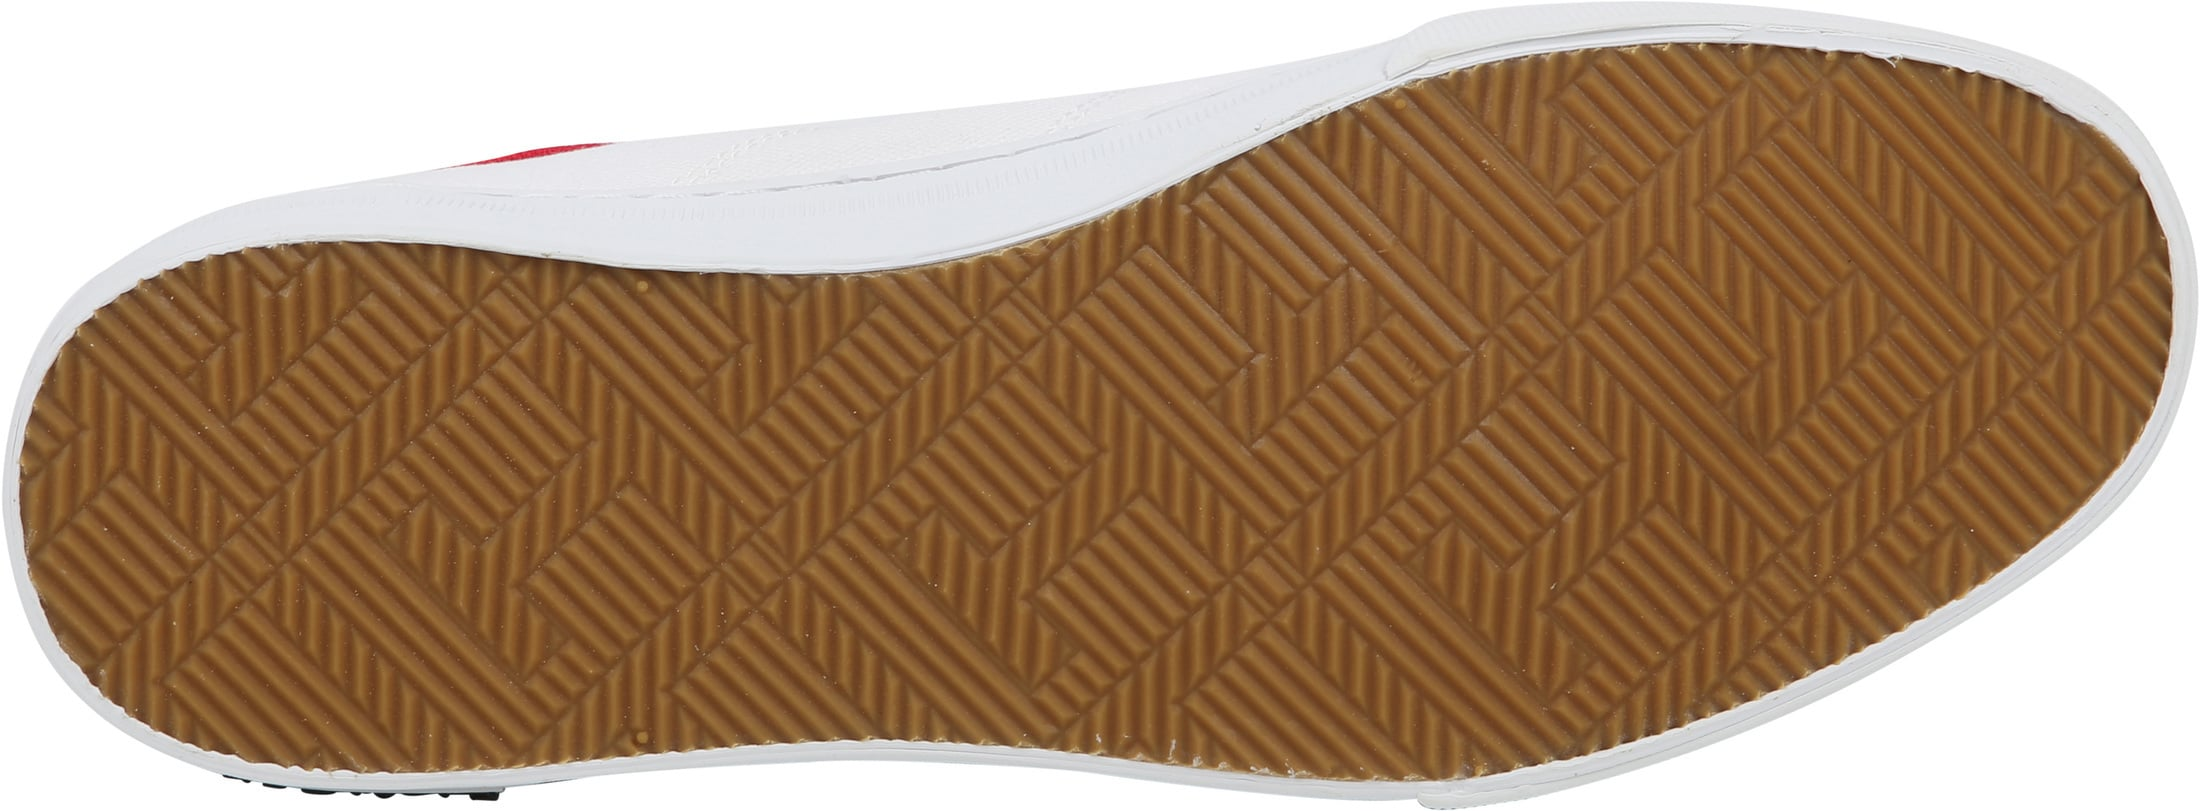 Tommy Hilfiger Shoe Core Corporat White foto 4